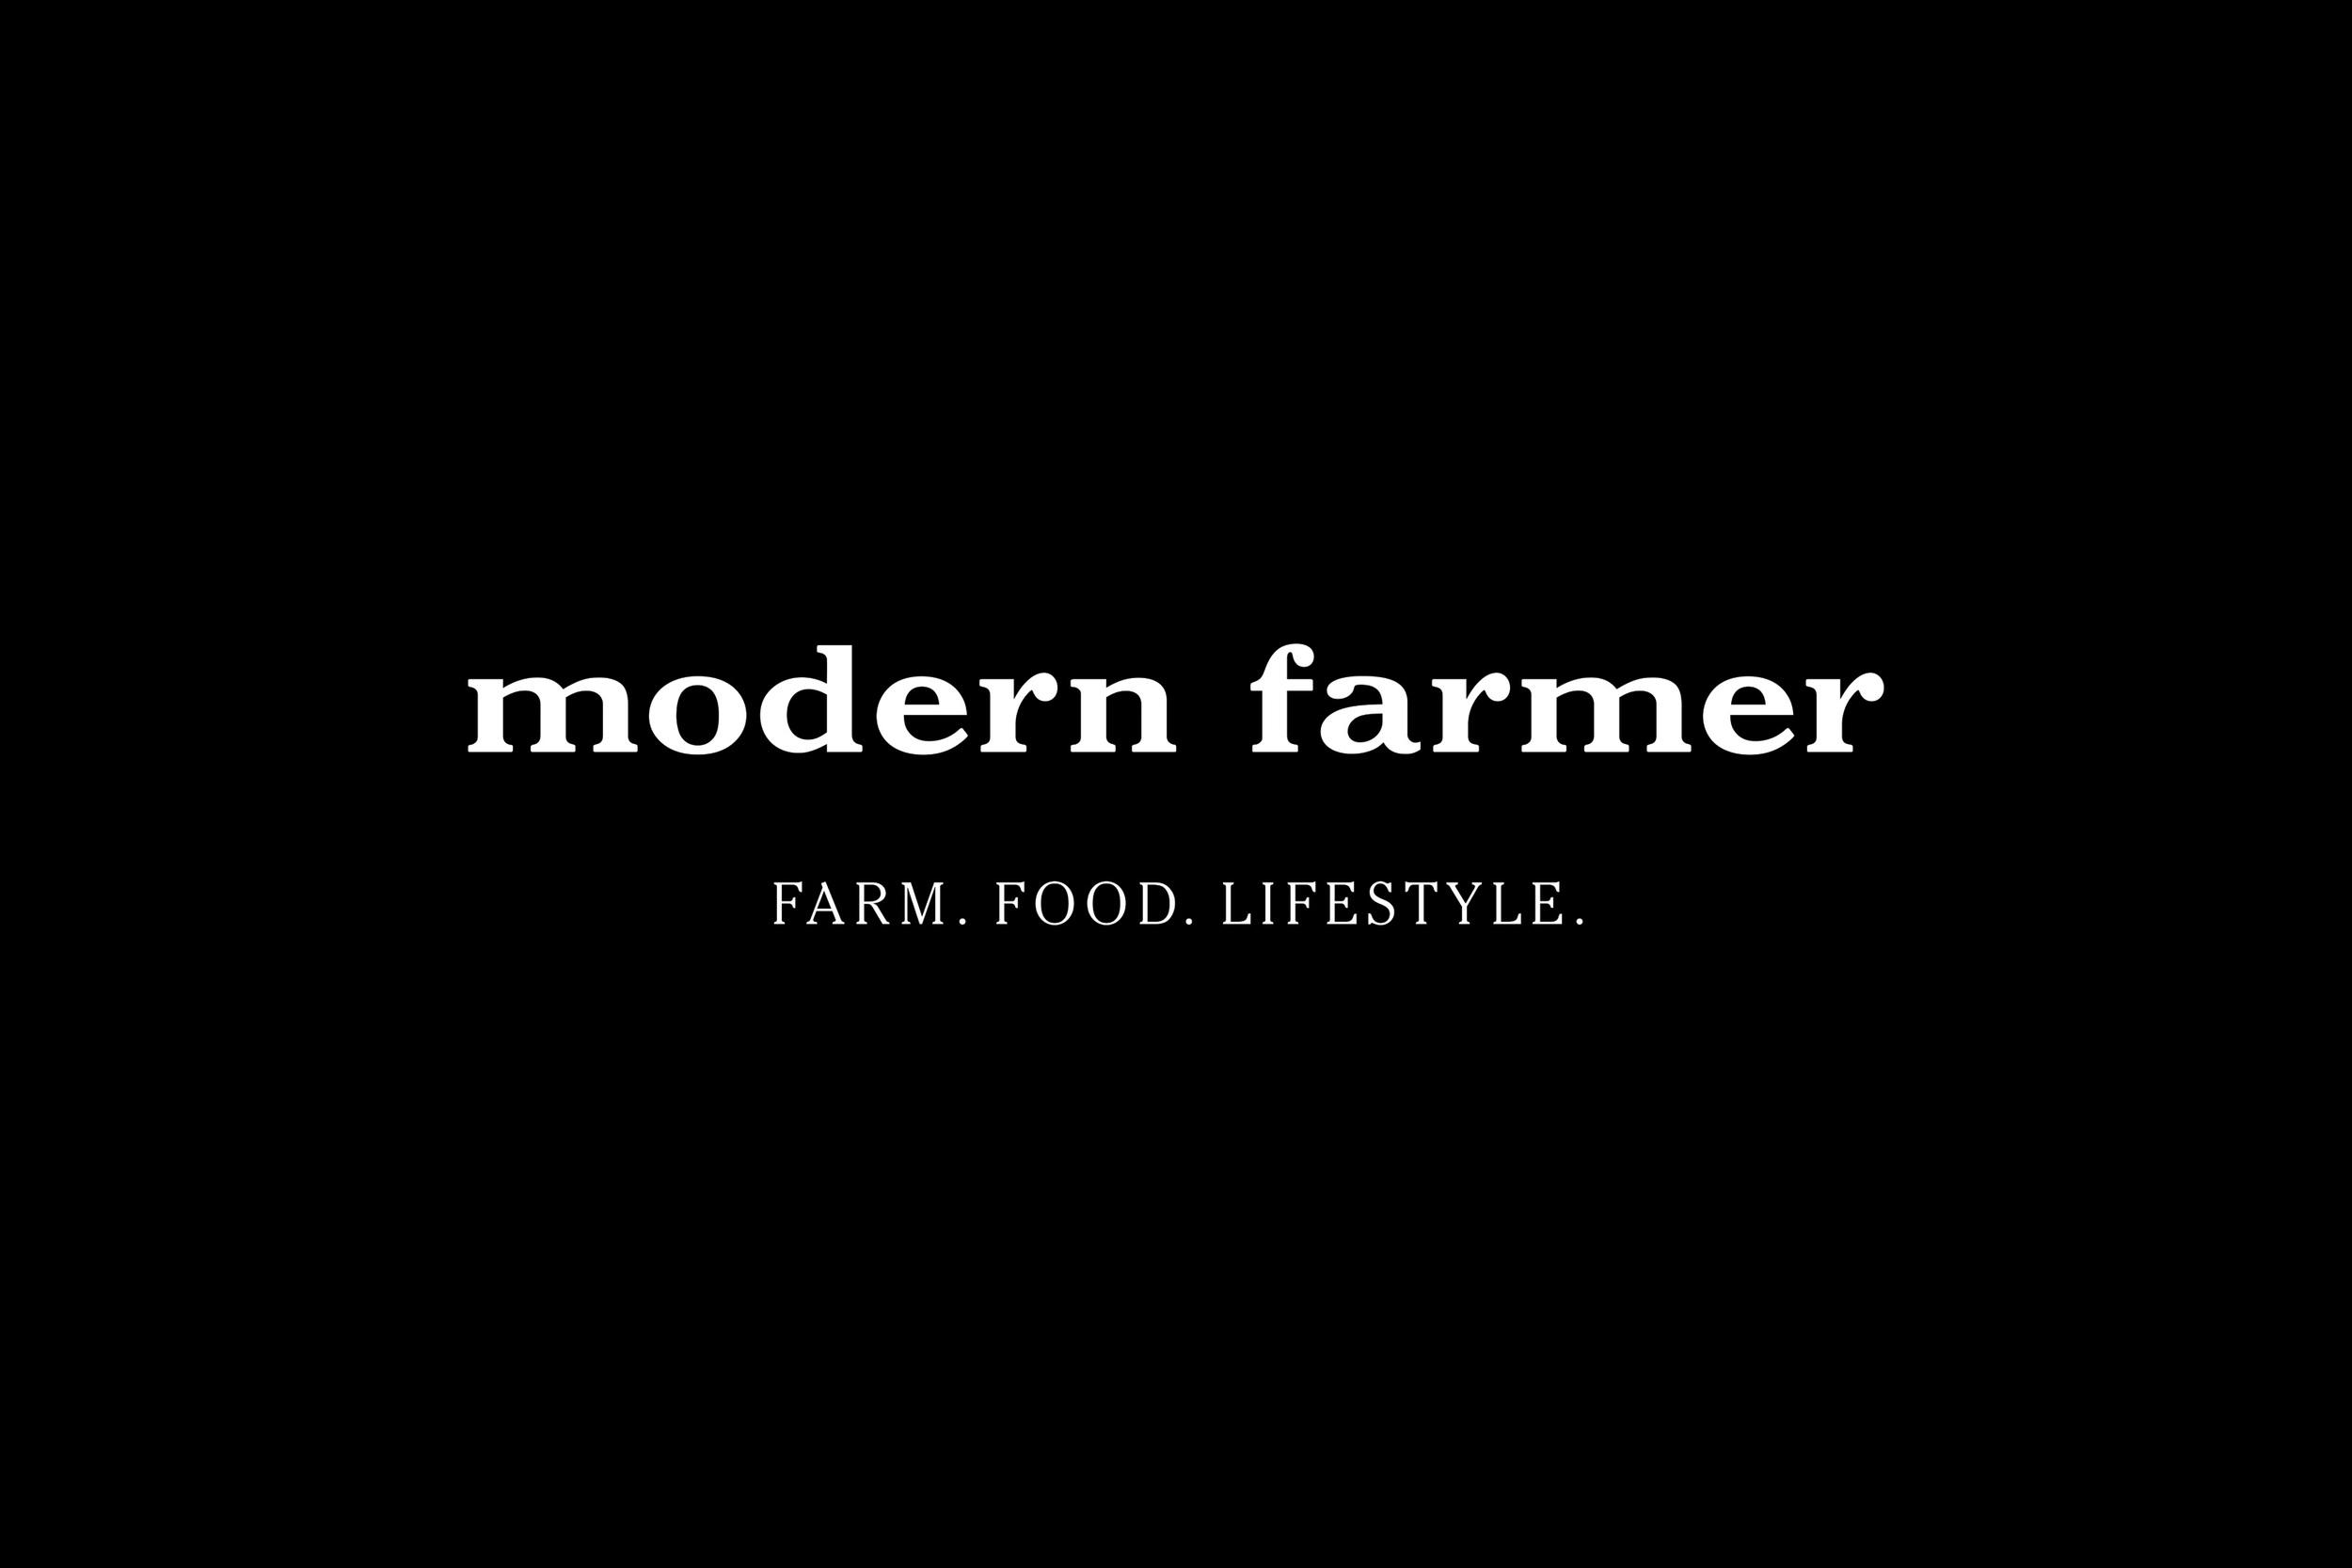 Wilder_Farmer_16.jpg